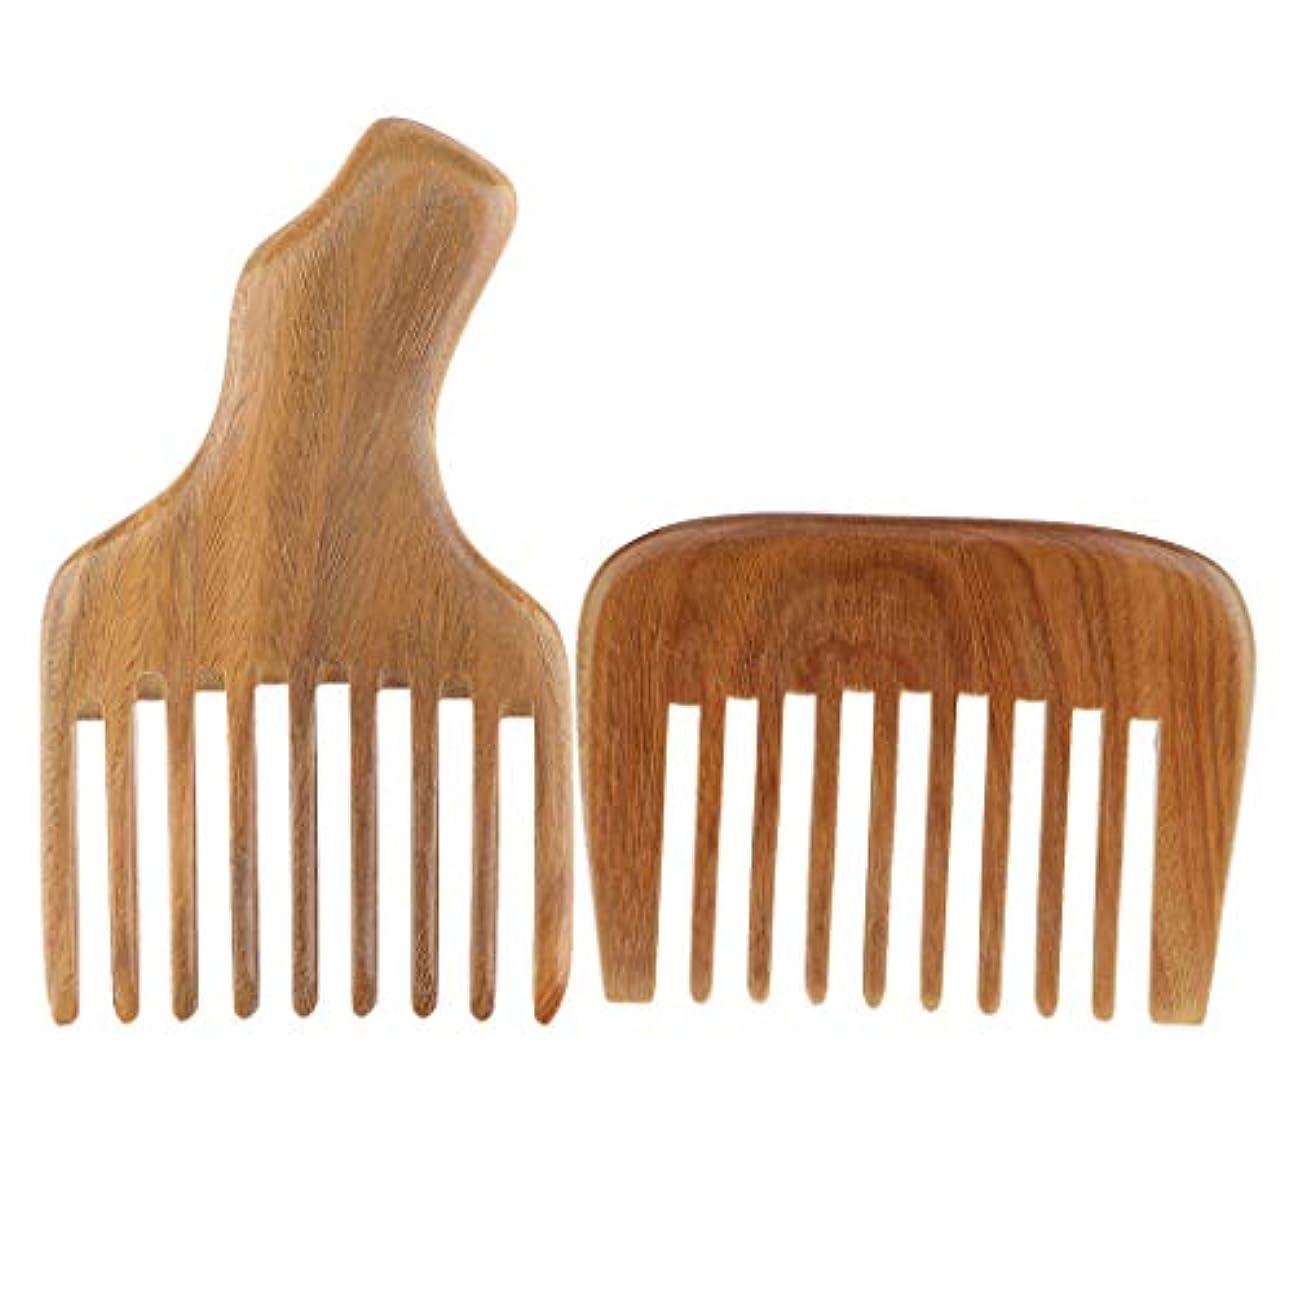 テンポ韻フィットネスDYNWAVE ウッドコーム 天然木の櫛セット 髪のマッサージの櫛 2個セット